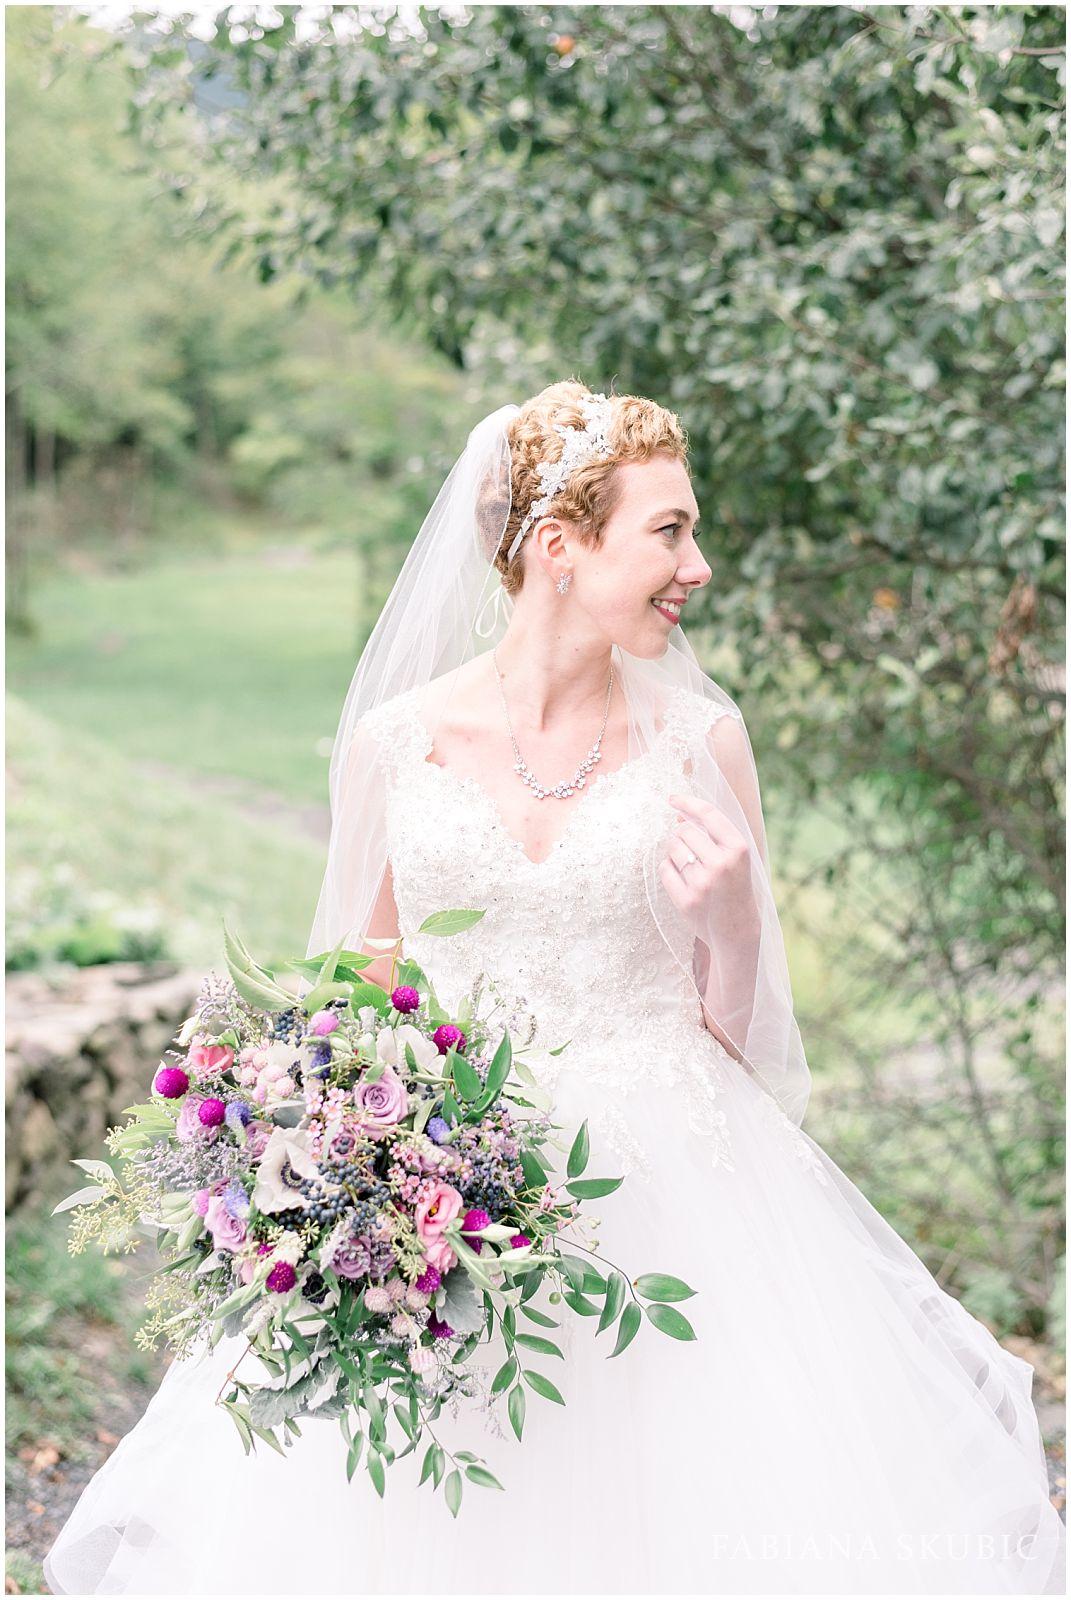 FabianaSkubic_J&M_FullMoonResort_Wedding_0050.jpg